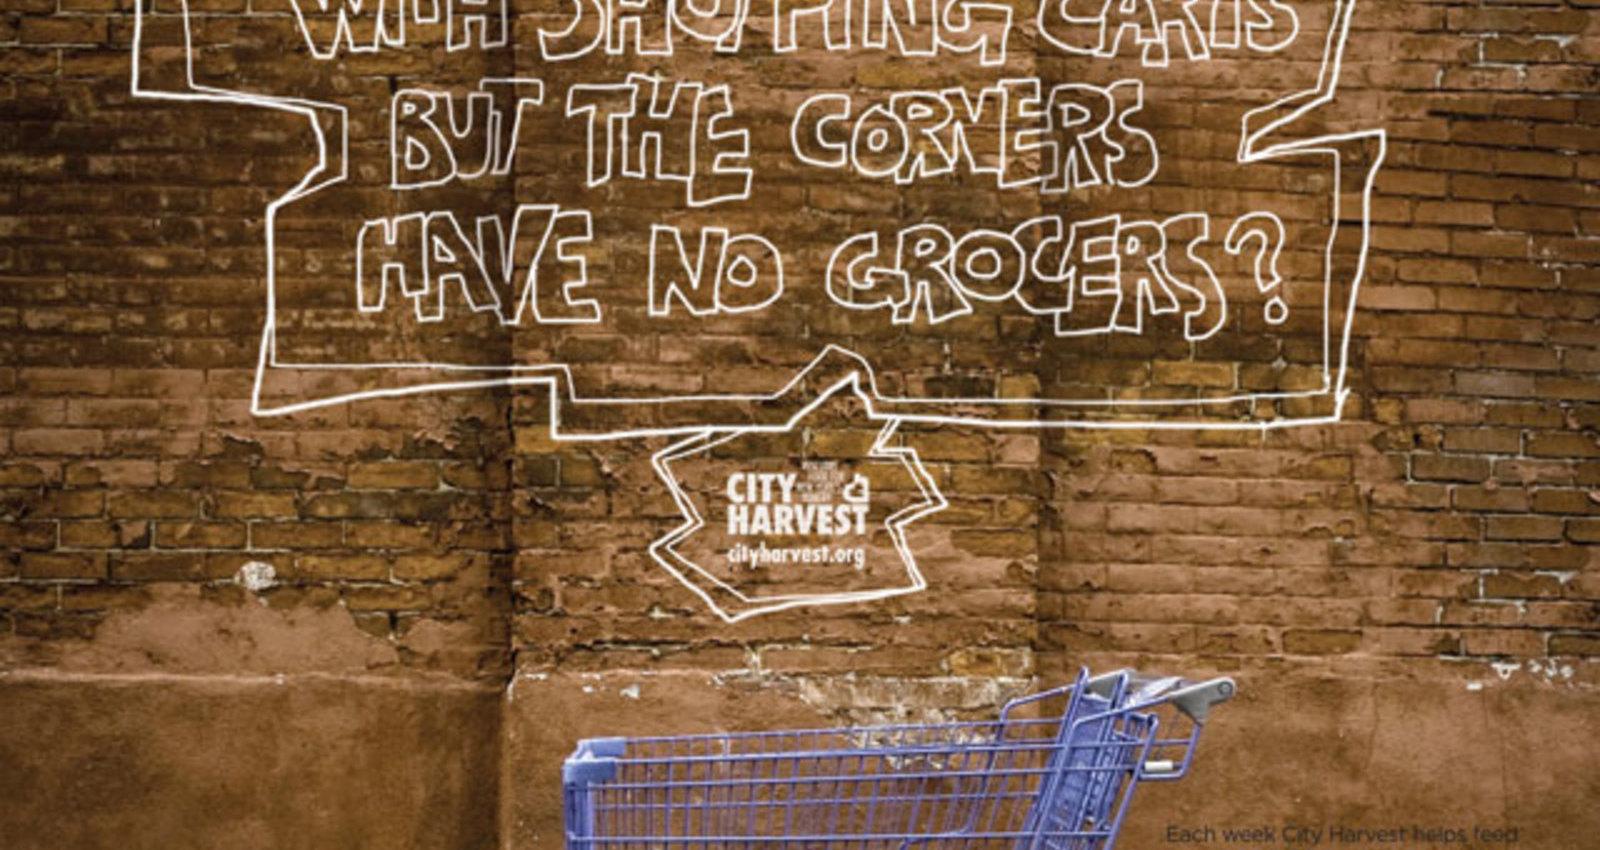 No Access Campaign